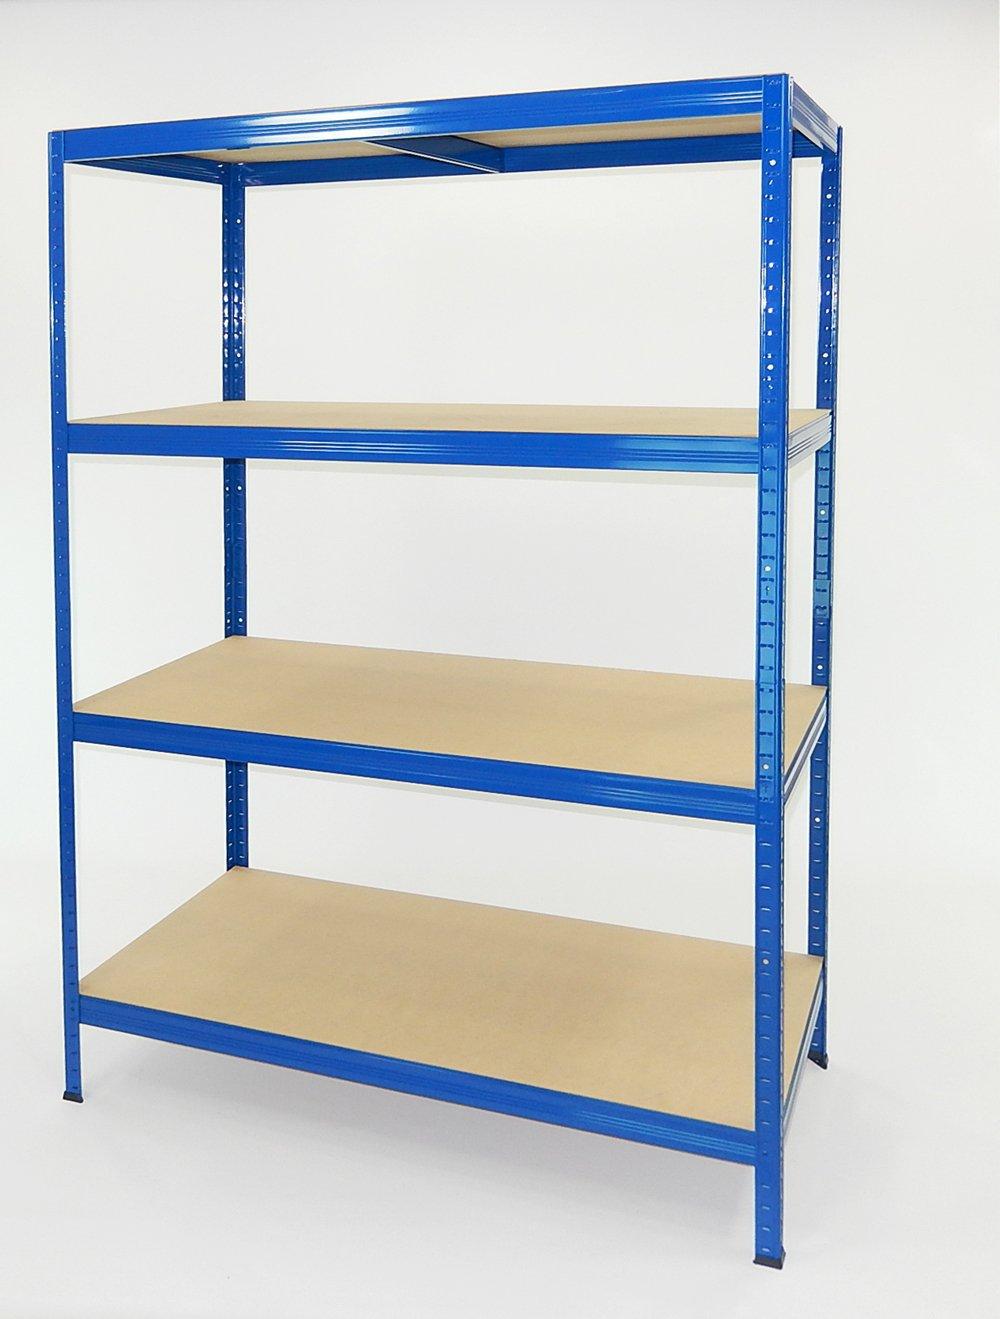 Futtal Etagere Metallique De 180 X 120 X 60 Cm Avec 4 Niveaux Bleu Tres Intense Bleu Amazon Fr Bricolage